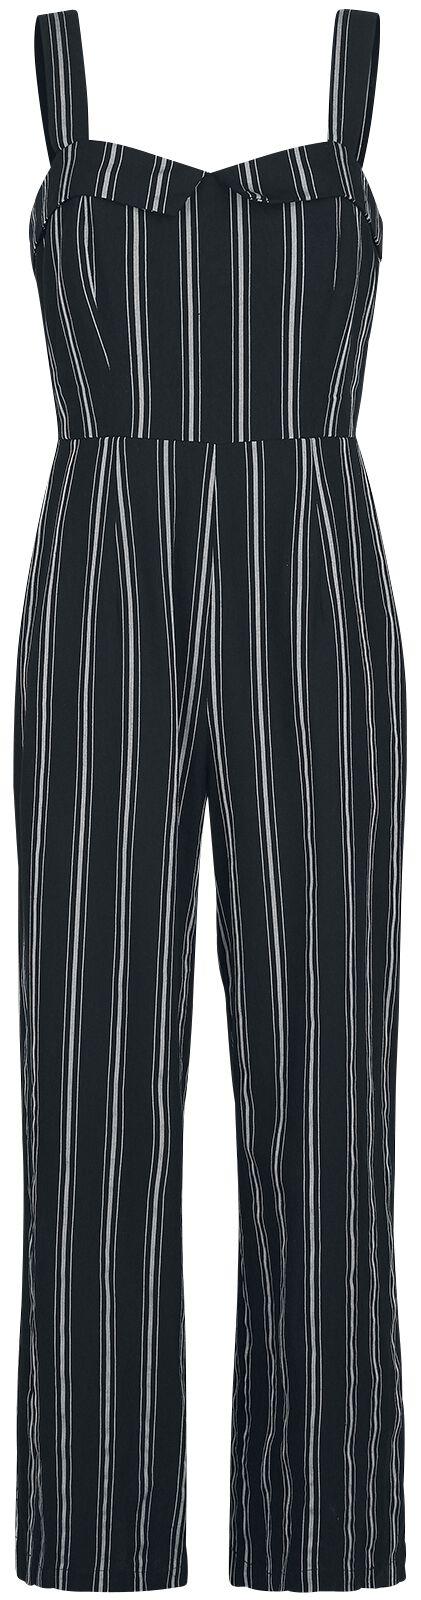 Banned Retro Sailor Stripe Jumpsuit Jumpsuit schwarz grau PL92028 black